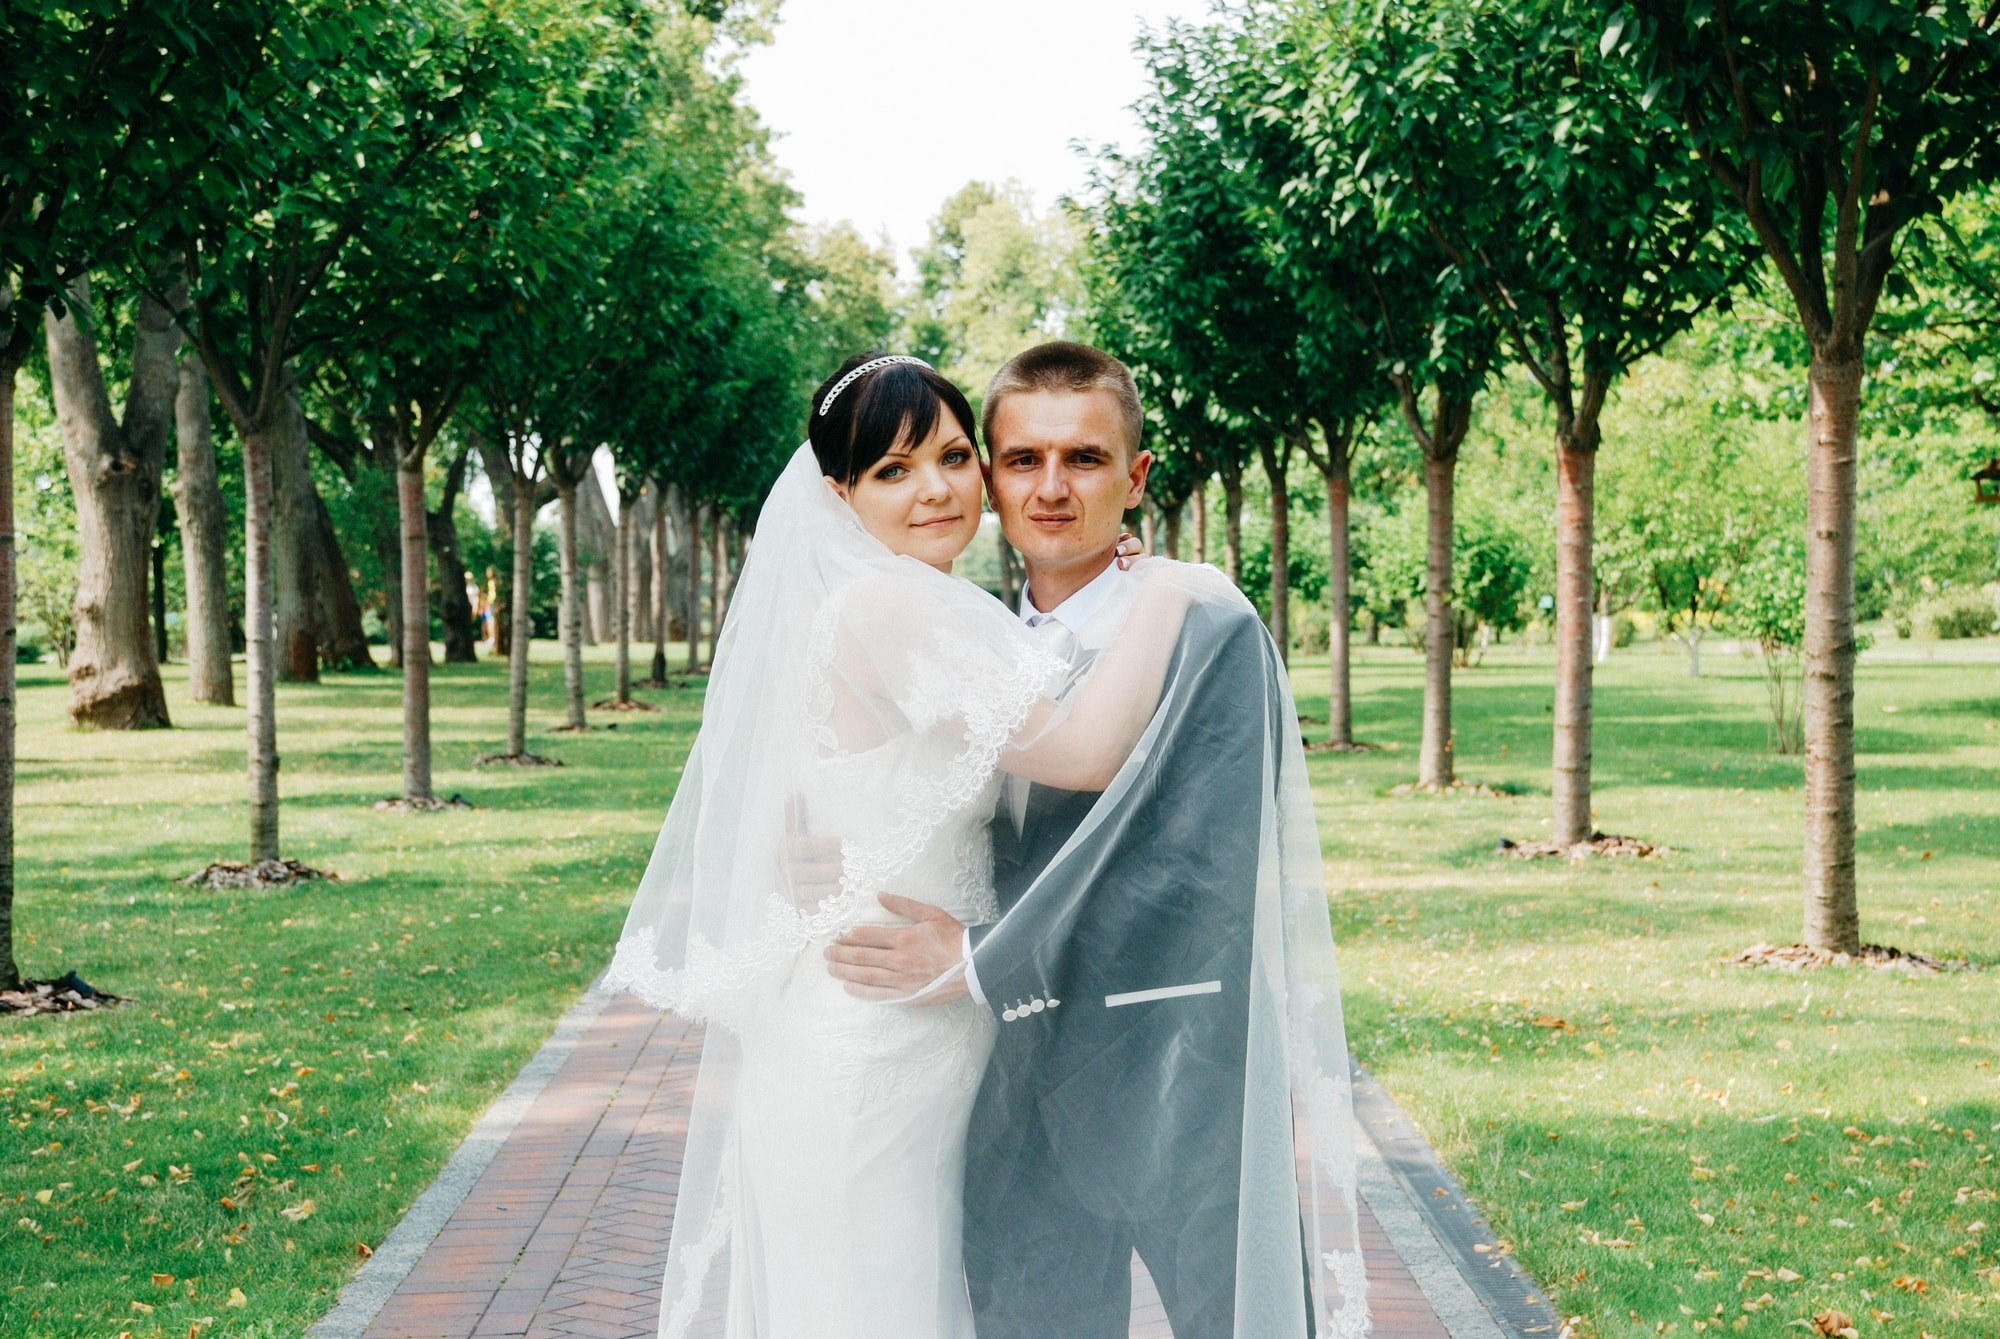 Влюбленная пара в Межигорье - Фотограф Киев - Женя Лайт